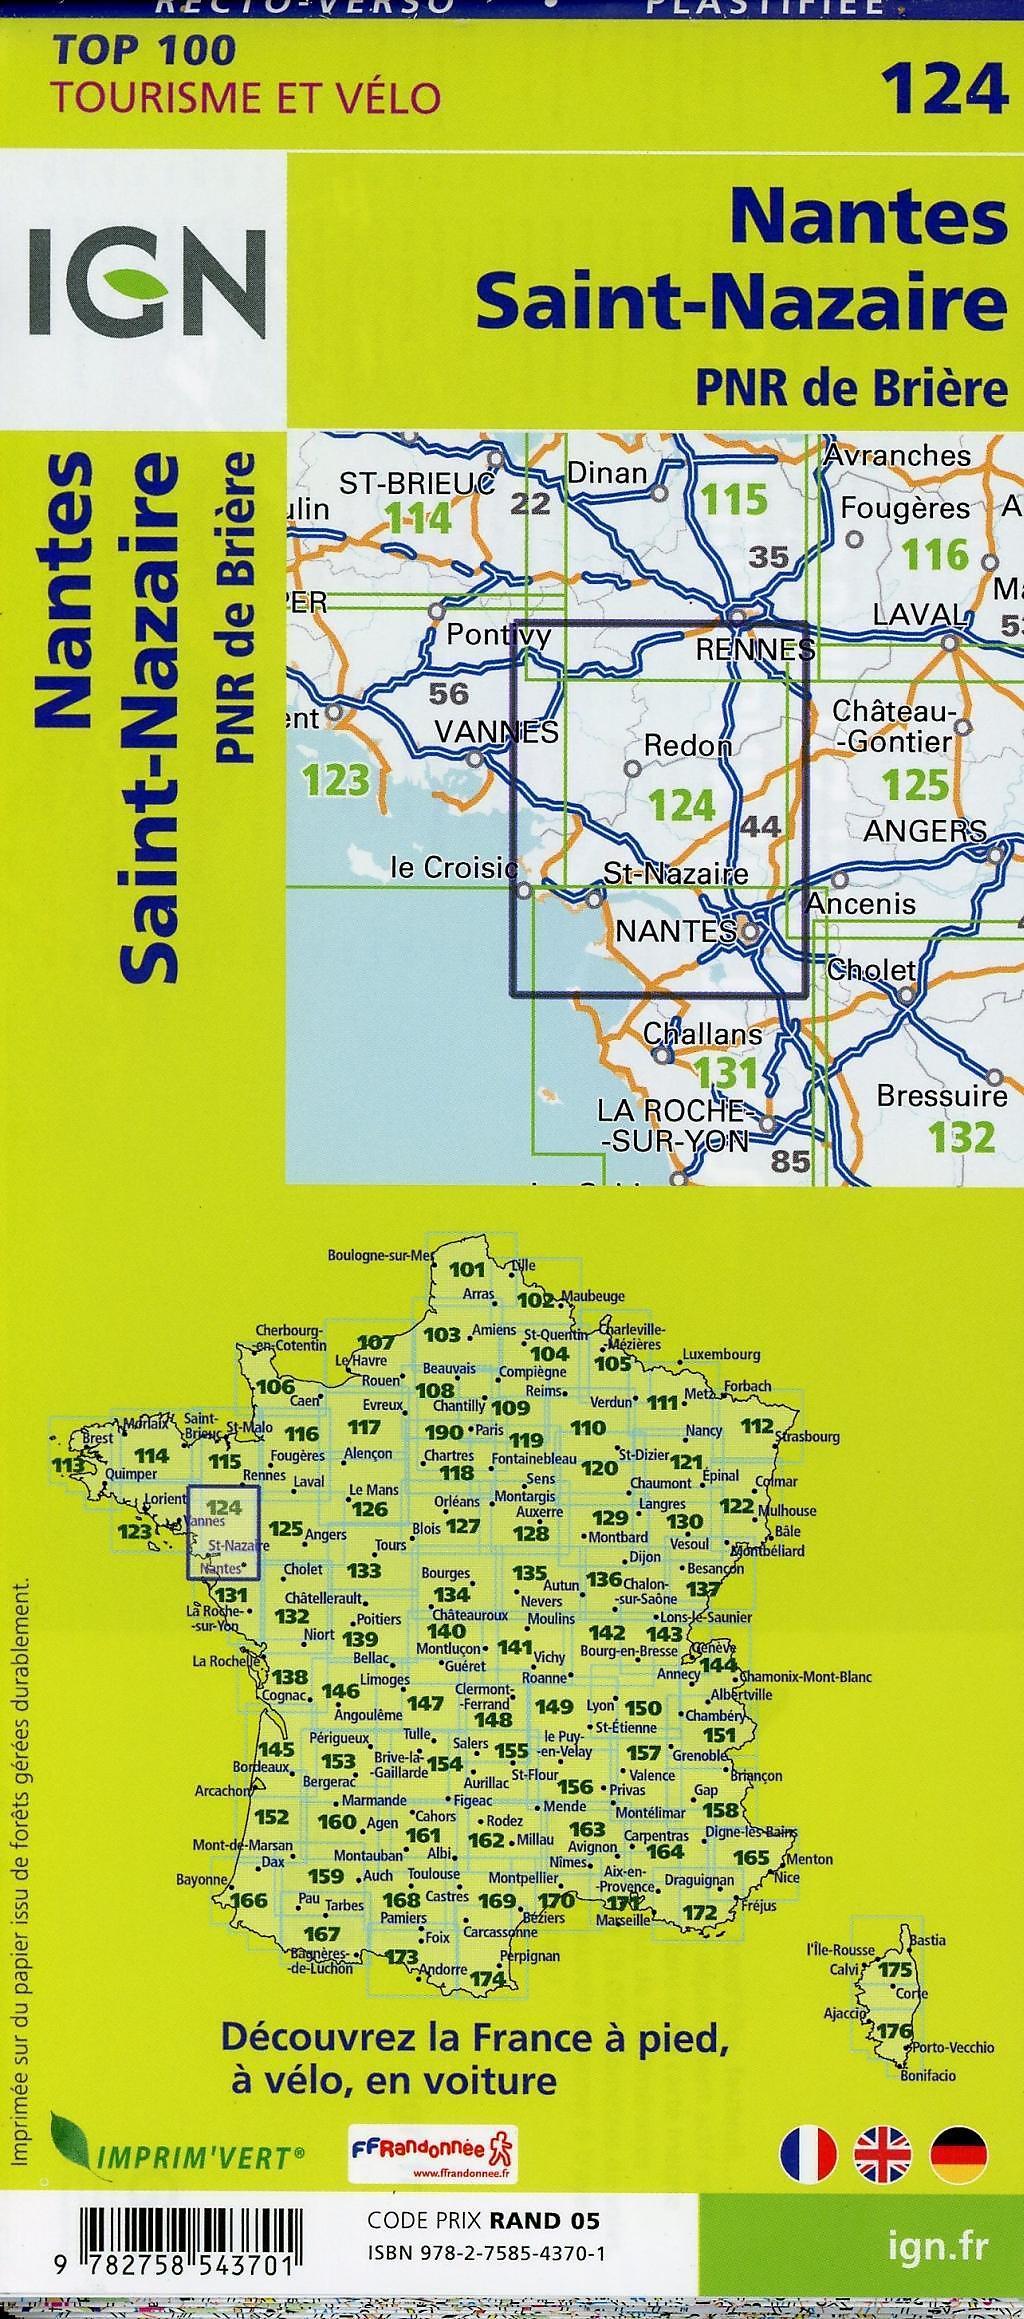 Nantes Karte.Ign Karte Tourisme Et Vélo Nantes Saint Nazaire Buch Weltbild De